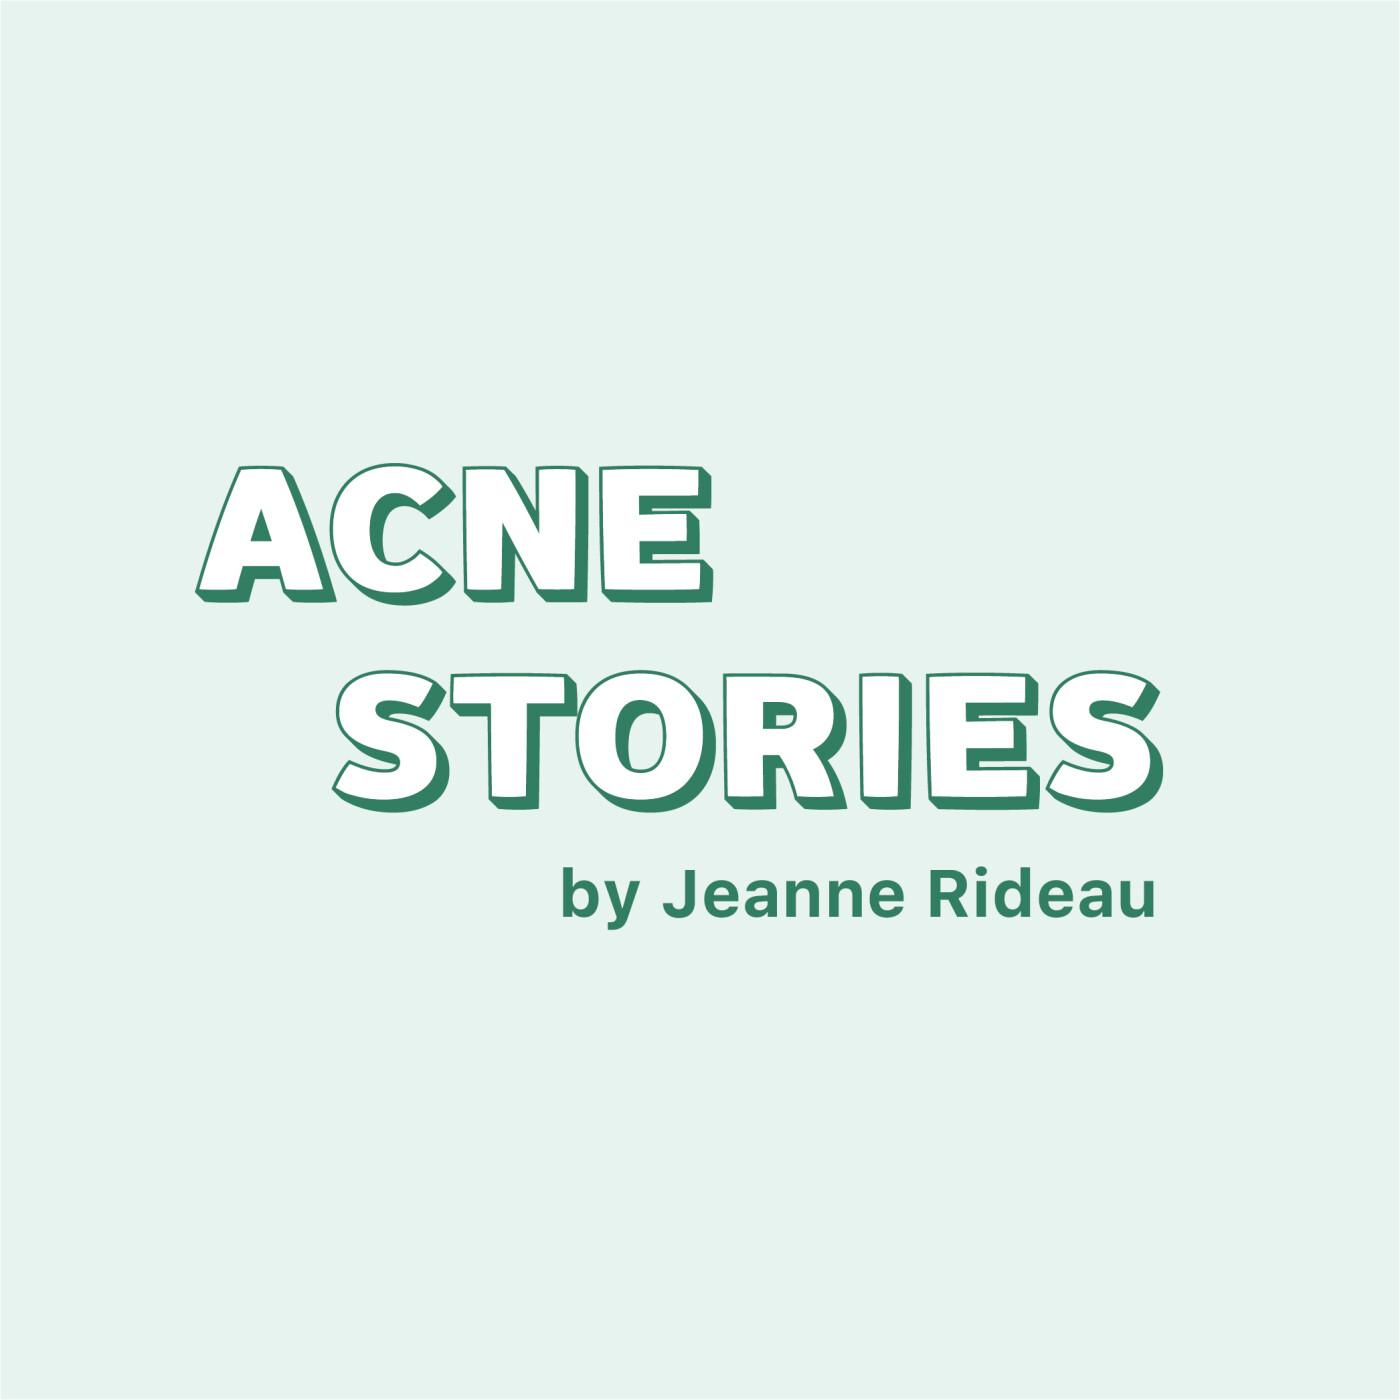 🇫🇷 Présentation du podcast Acne Stories